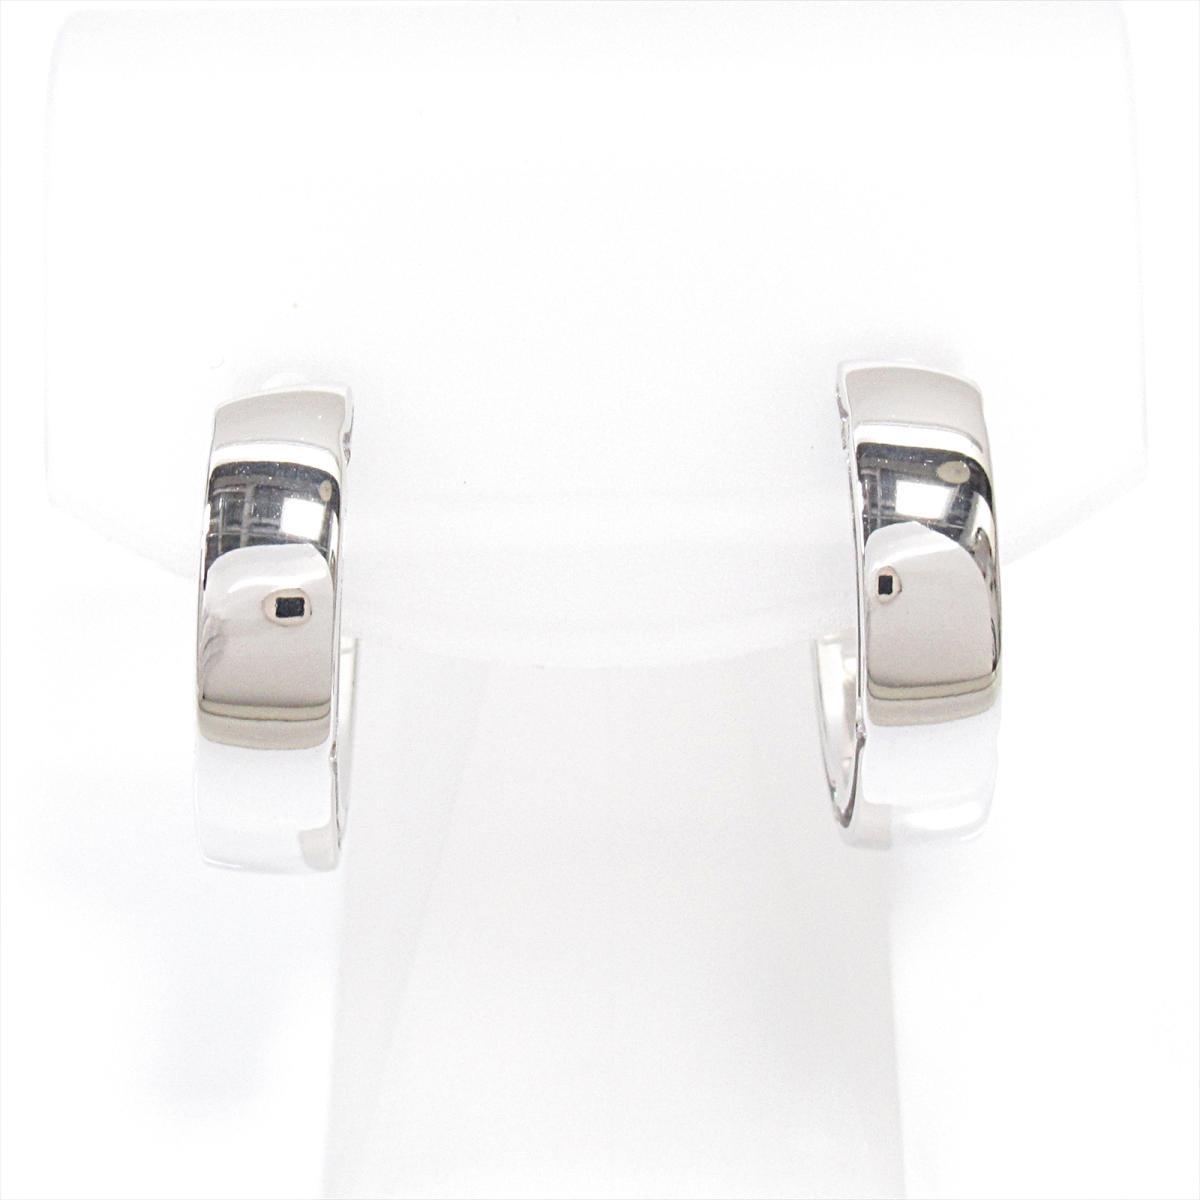 驚きの値段 ダミアーニ D.SIDE ピアス ダミアーニ ブランドジュエリー レディース K18WG ピアス (750) ホワイトゴールドxダイヤモンド【 |】 | DAMIANI BRANDOFF ブランドオフ ブランド アクセサリー, タキネマチ:6209299f --- briefundpost.de